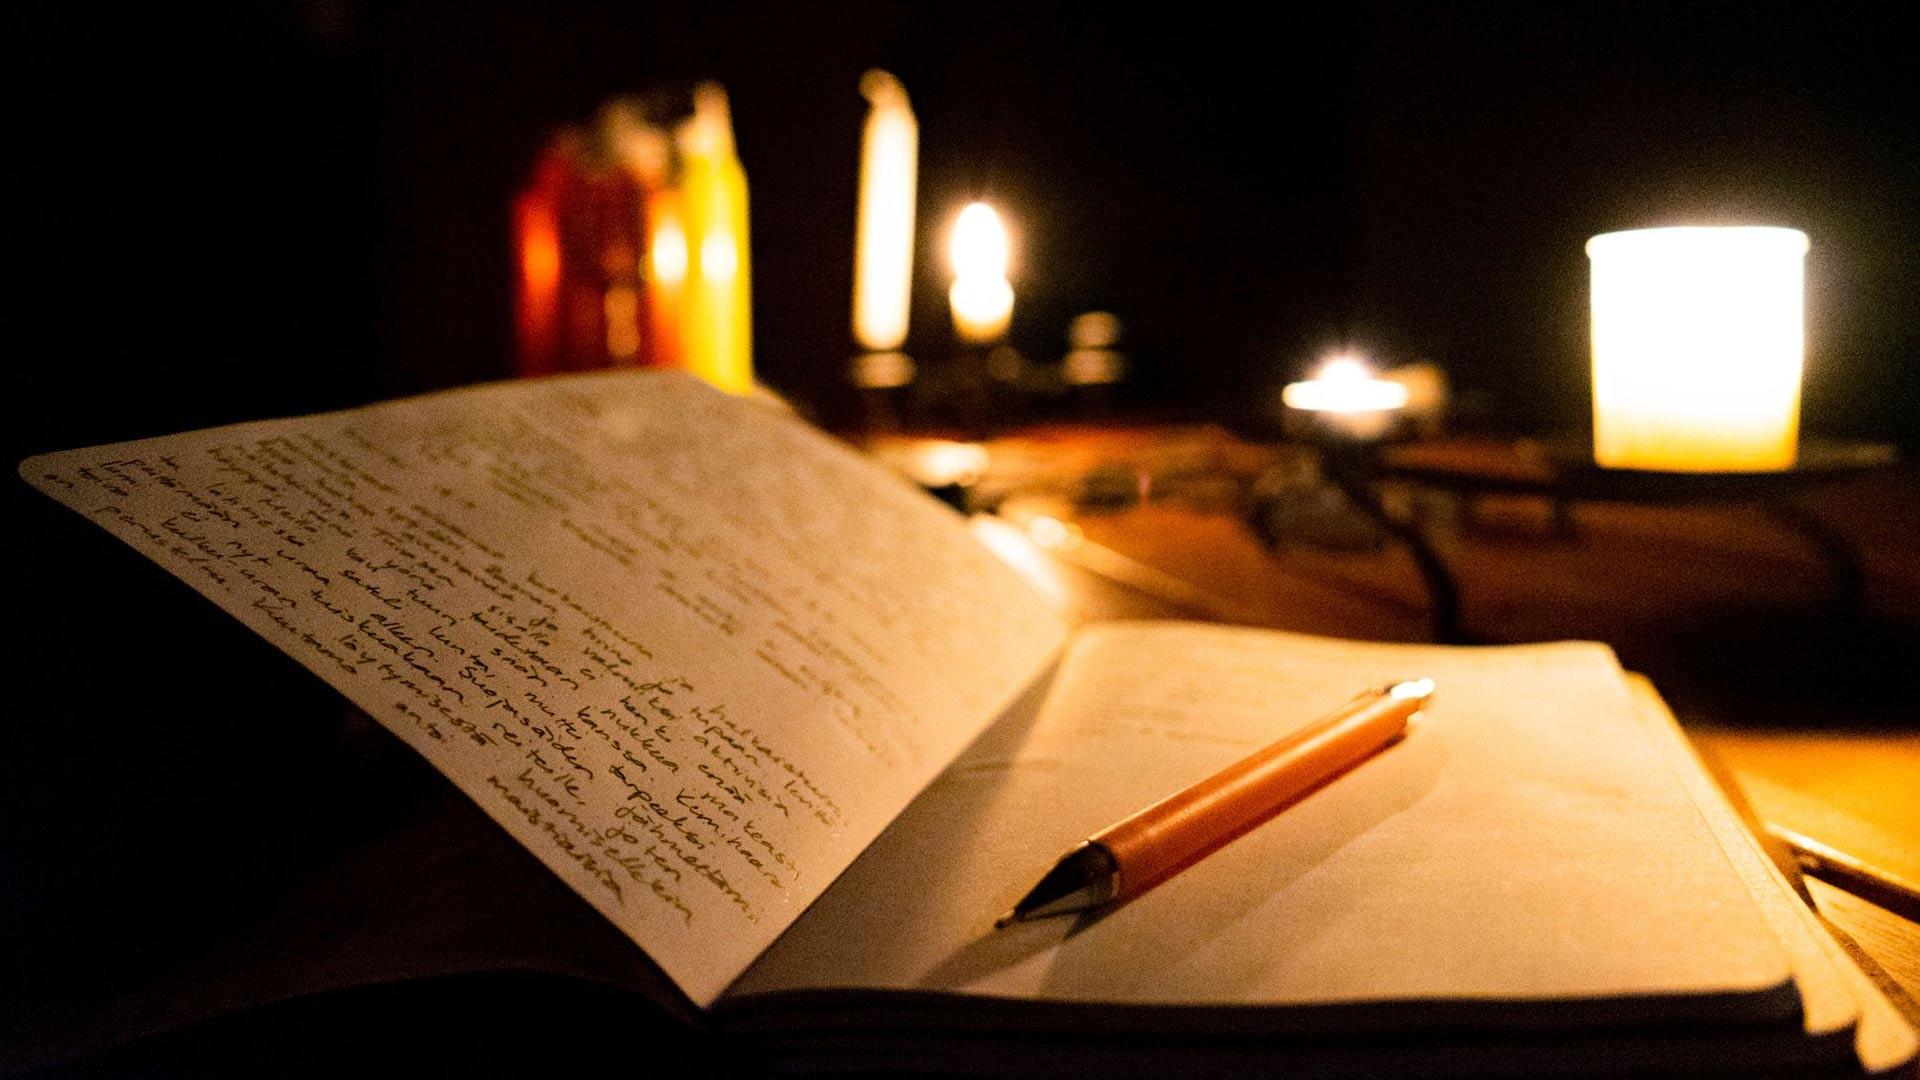 Vakiovarusteisiin kuuluvat reissupäiväkirja, lyijykynä ja kynttilä, jonka valossa iltaisin kirjoittaa.